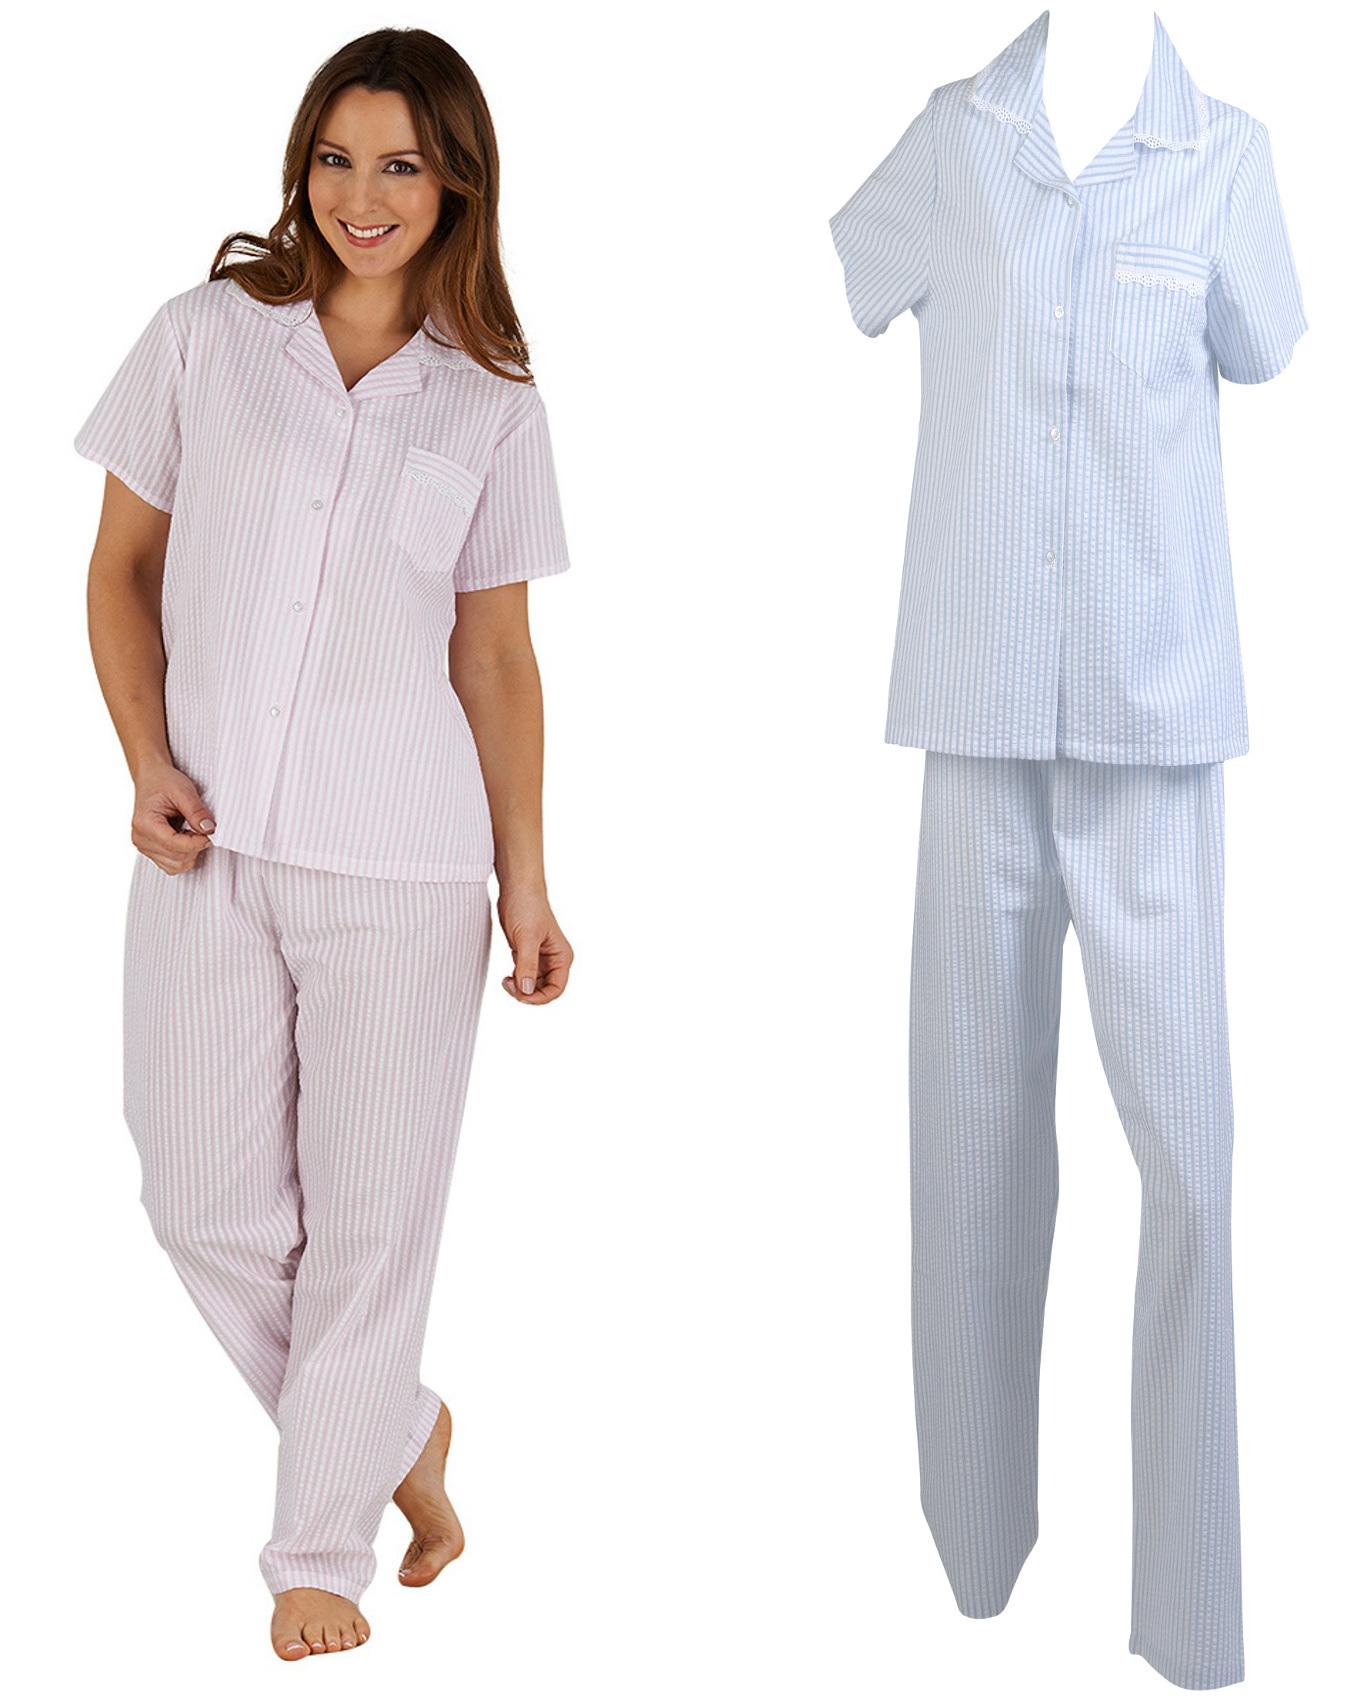 klassischer Stil von 2019 aktuelles Styling reich und großartig Details about Womens Seersucker Stripe Pyjamas Ladies Slenderella Lace Trim  Top & Bottoms PJs